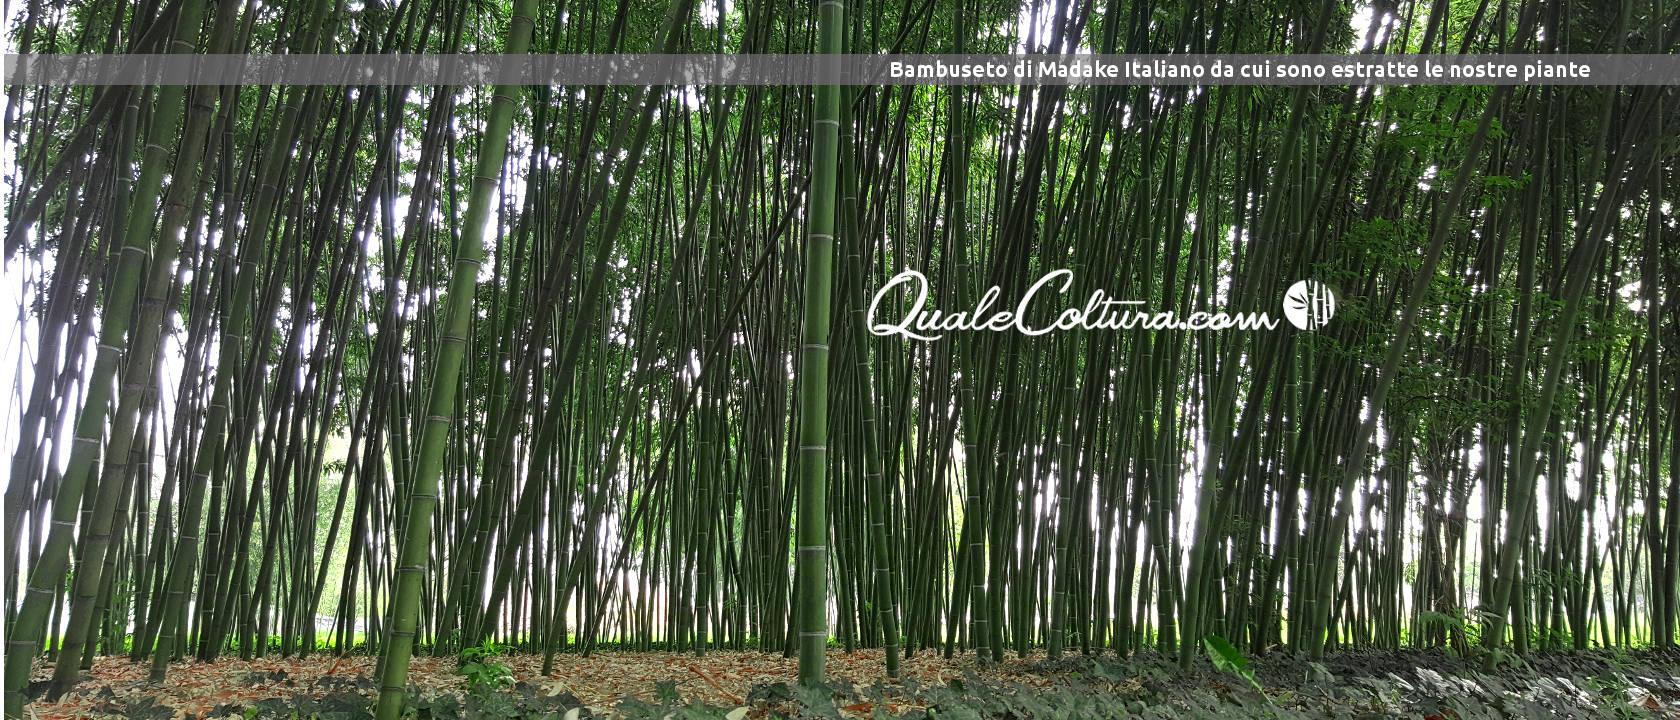 Coltivazioni redditizie quale coltura rende di pi in italia for Bamboo coltivazione